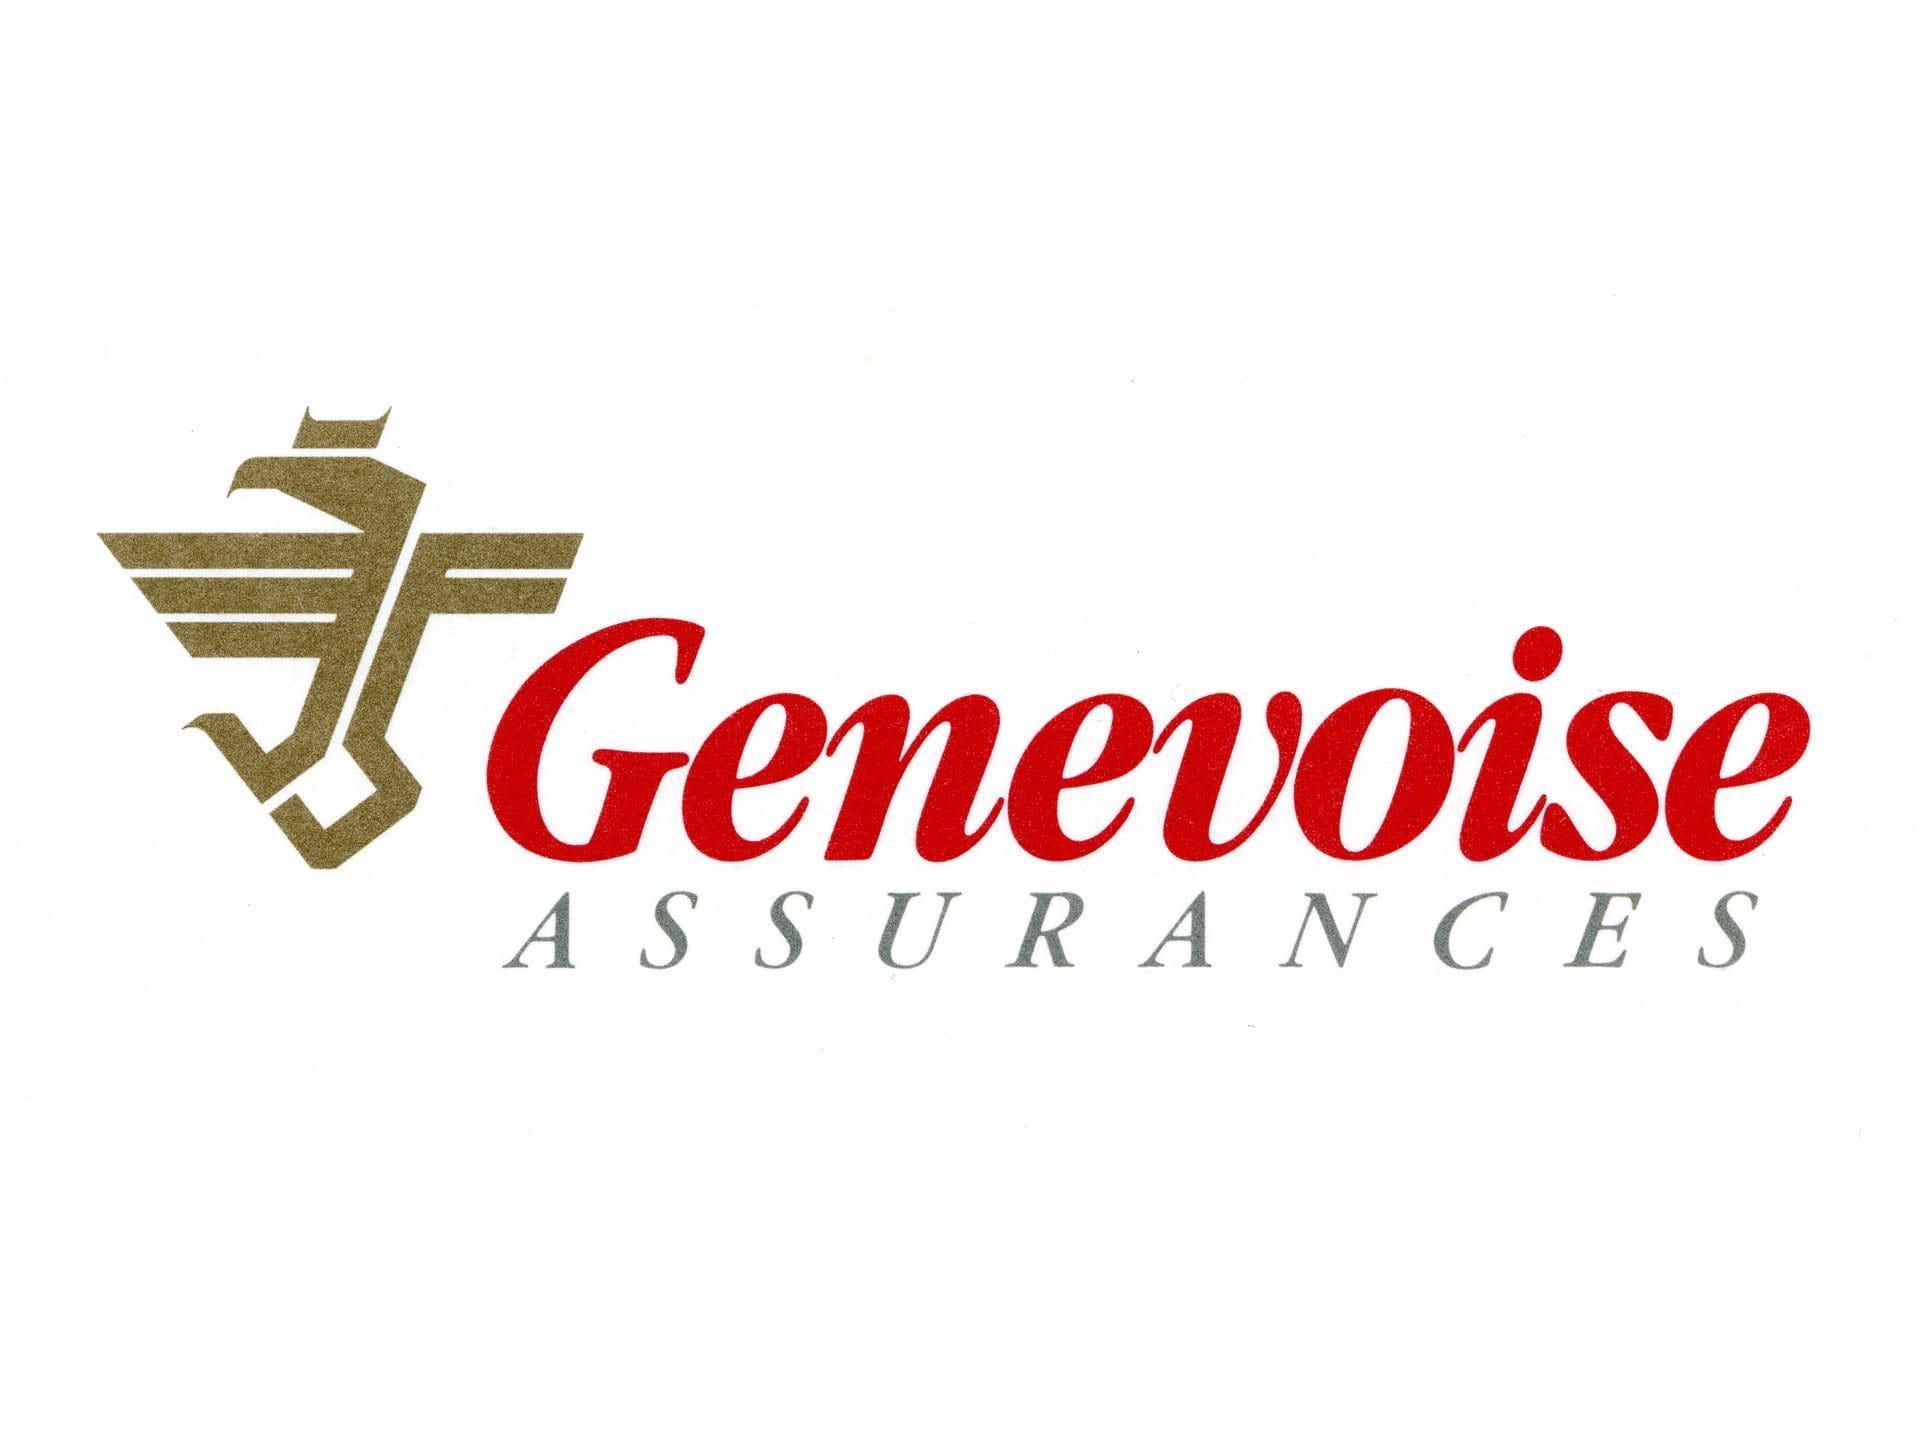 1991: Akquisition der Genevoise-Versicherungs-Gruppe